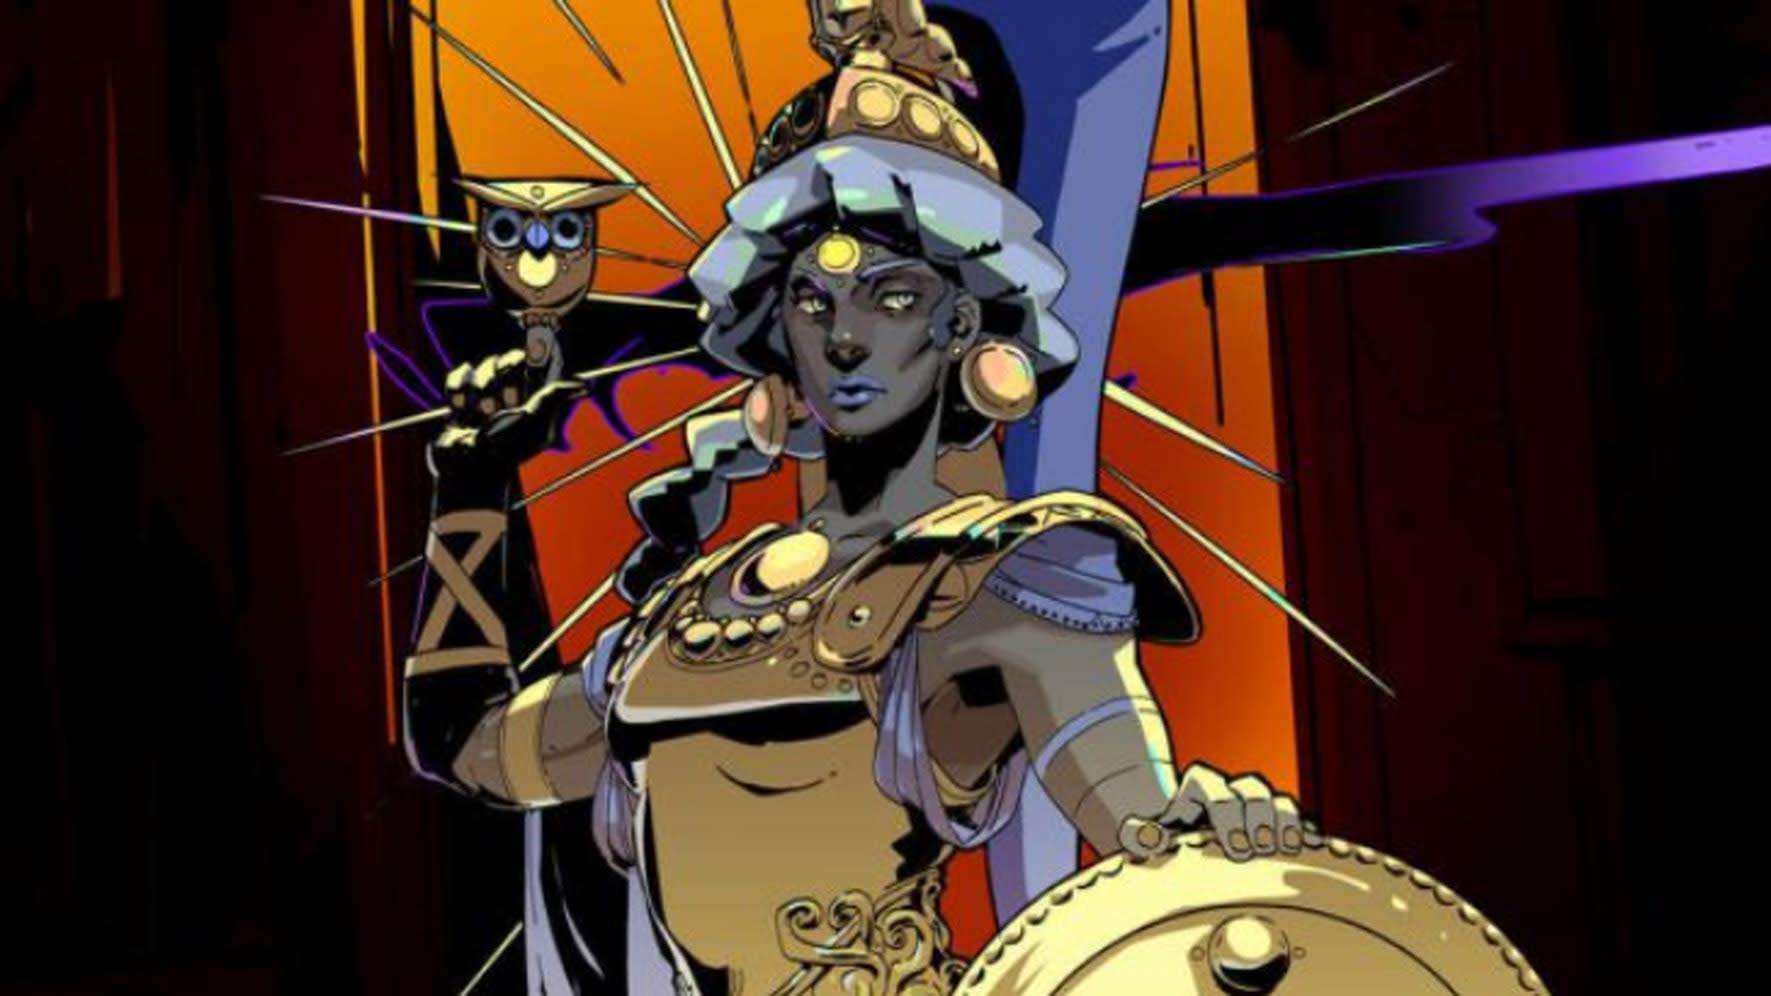 Hades 中有許多耳熟能詳的希臘眾神。(圖源:Hades)